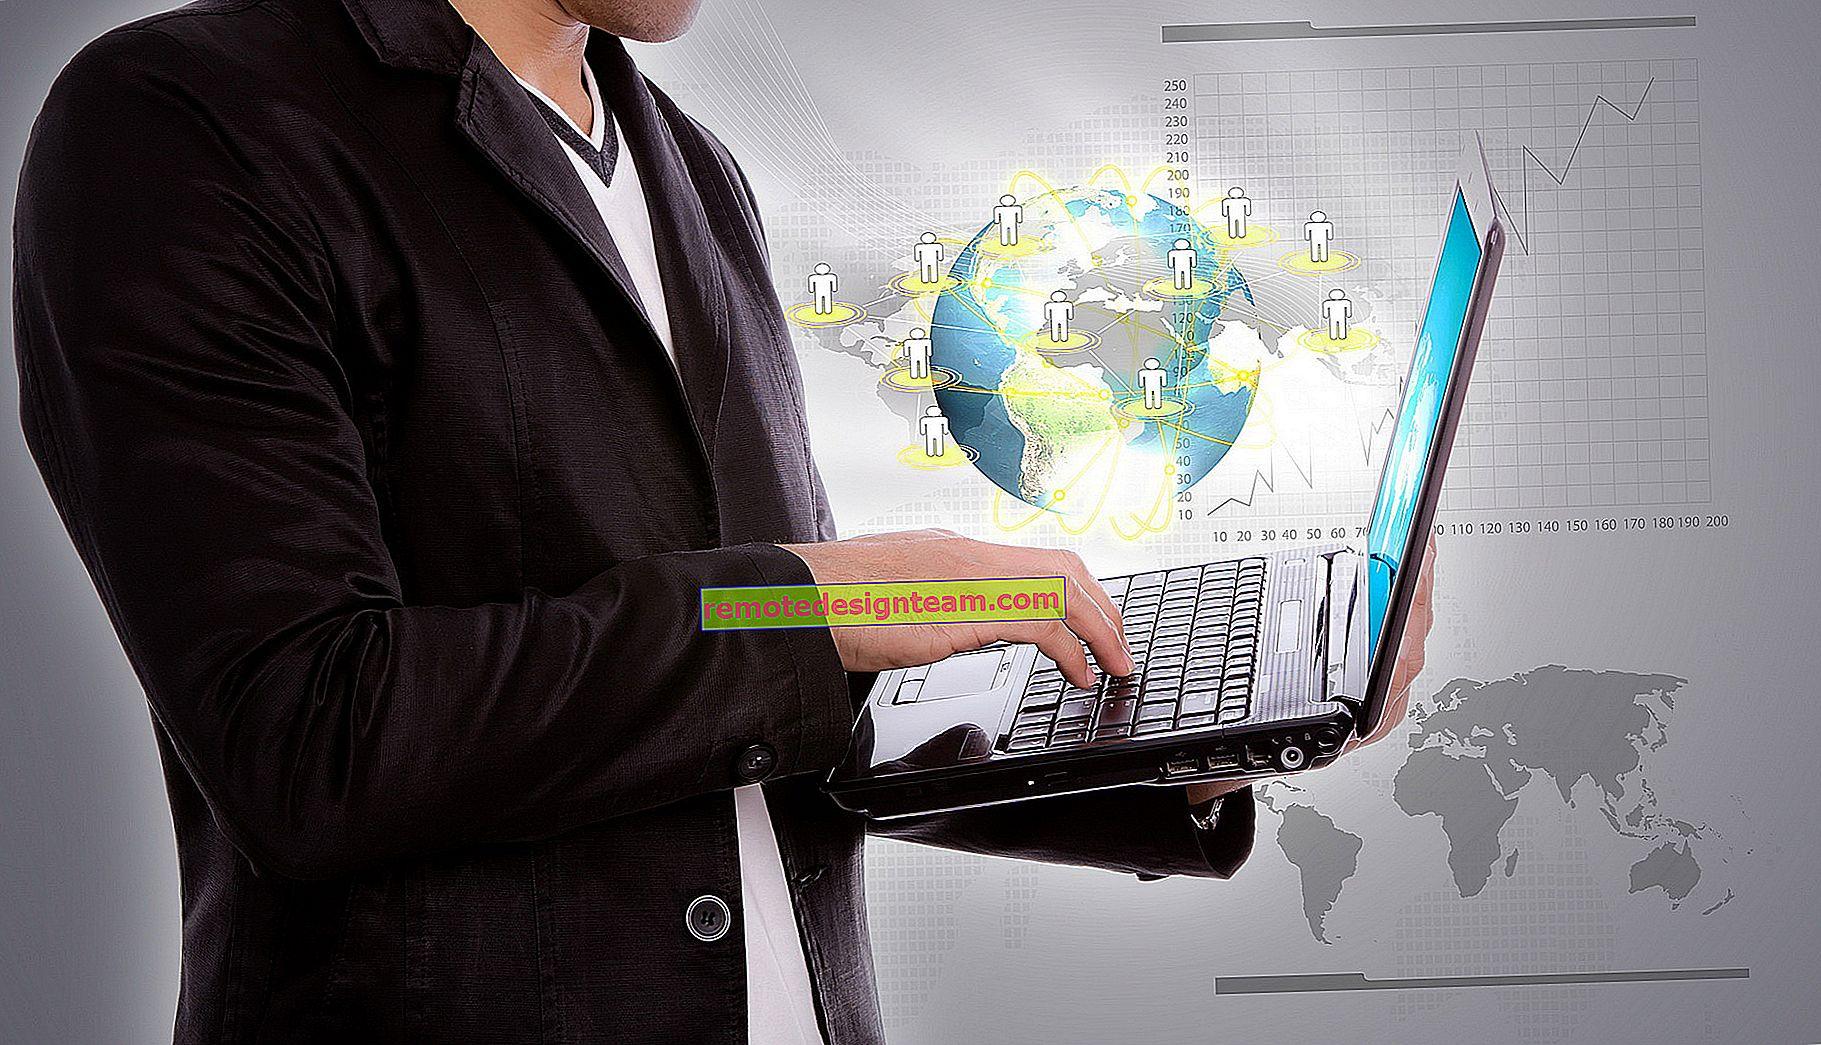 Trasferiamo un file di grandi dimensioni su Internet. Modi semplici